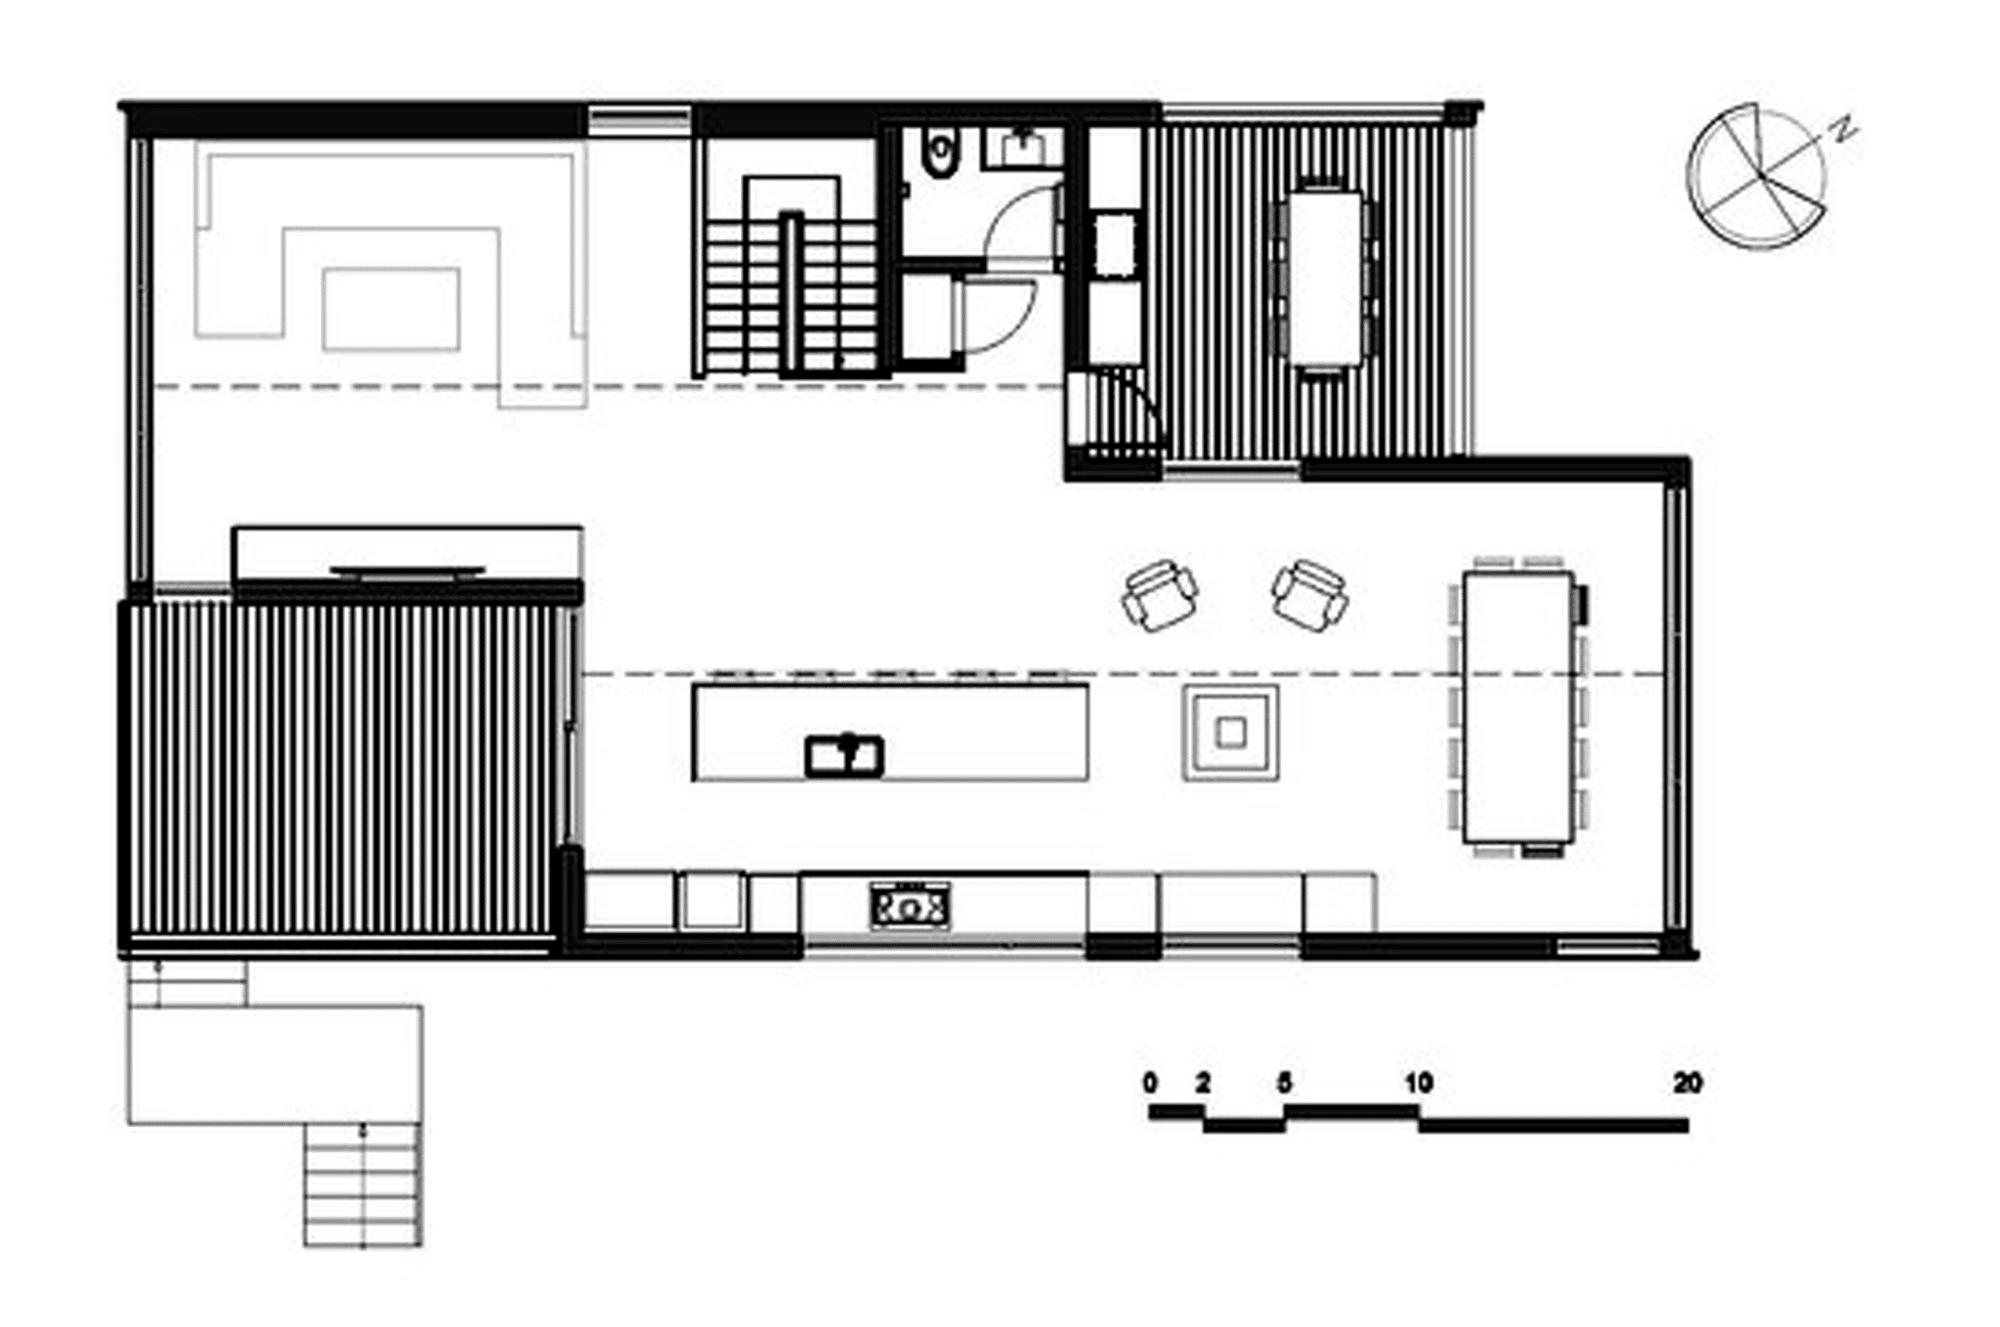 Dise o de casa moderna de dos pisos m s s tano planos for Planos de cocina en isla